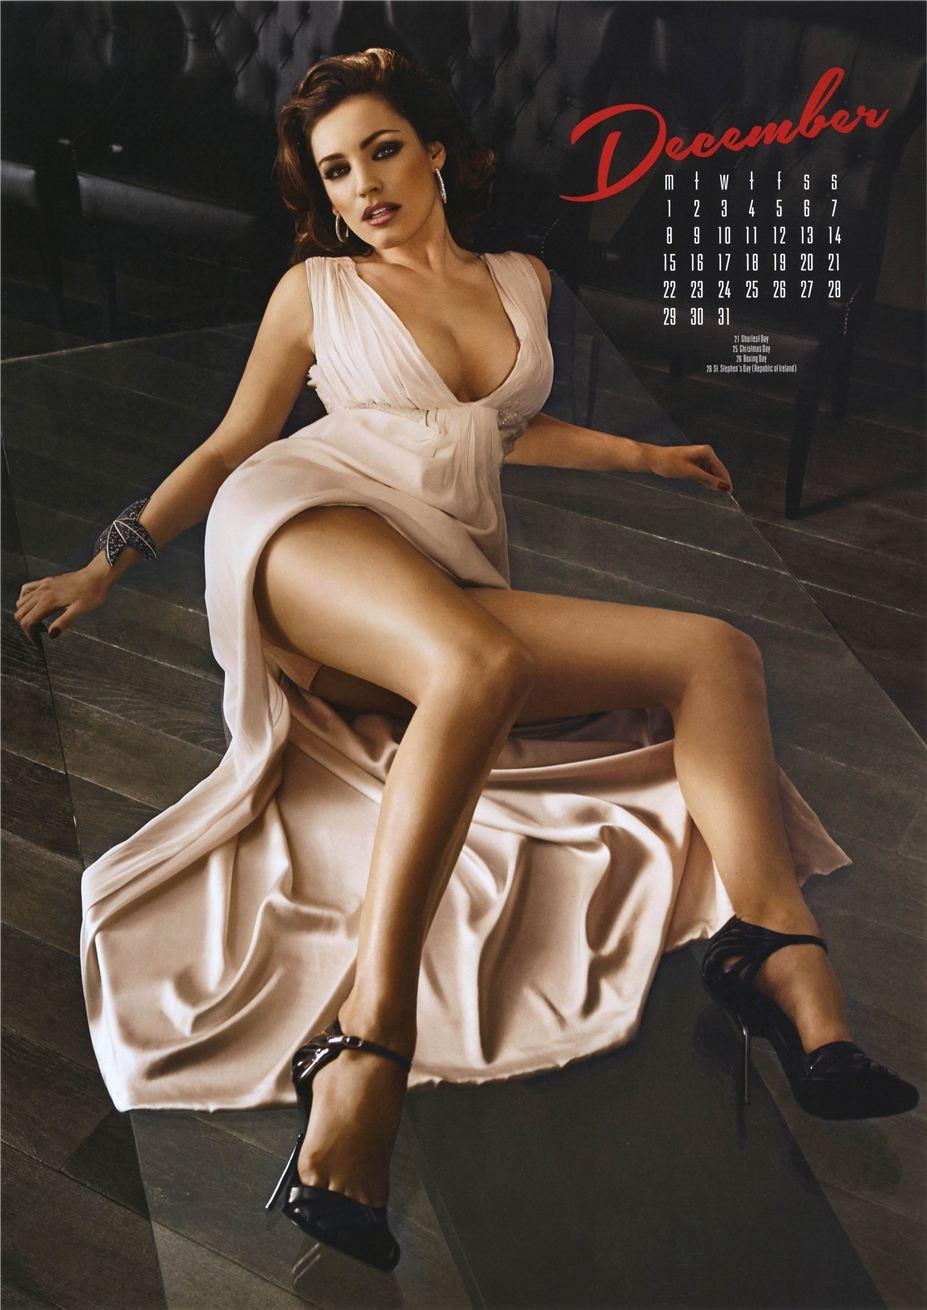 декабрь - Календарь сексуальной красотки, актрисы и модели Келли Брук / Kelly Brook - official calendar 2014